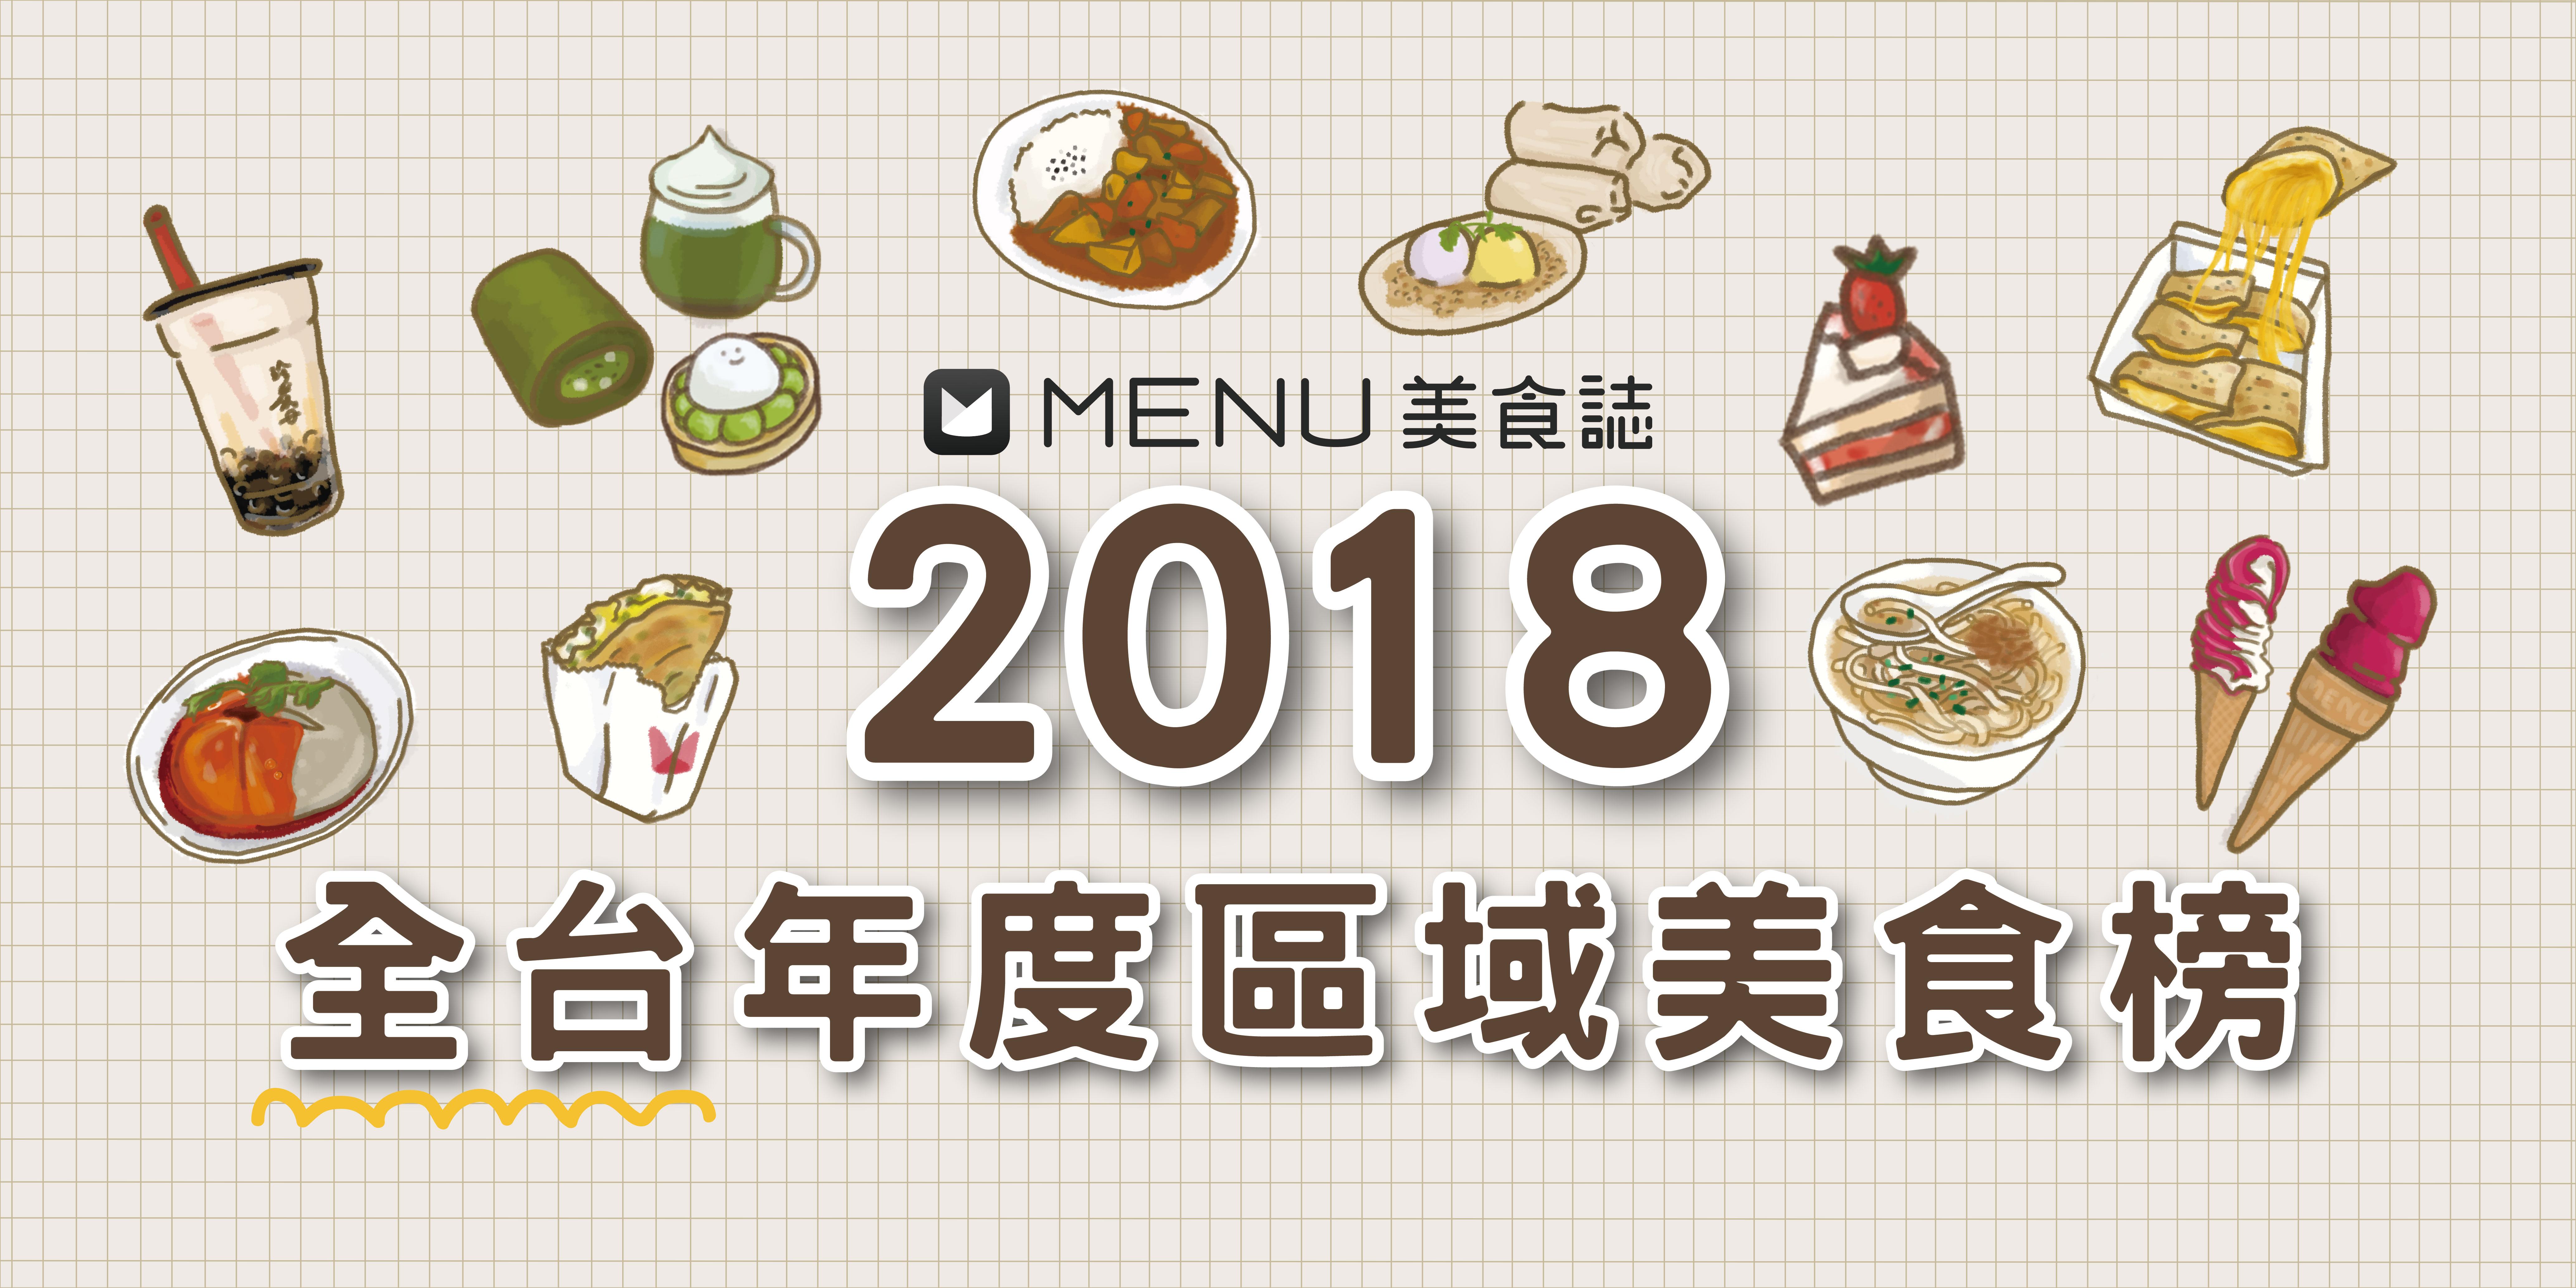 《2018全台區域美食榜》來看看全台各縣市的吃貨們都愛吃什麼?年度Top3的美食居然是這三樣!